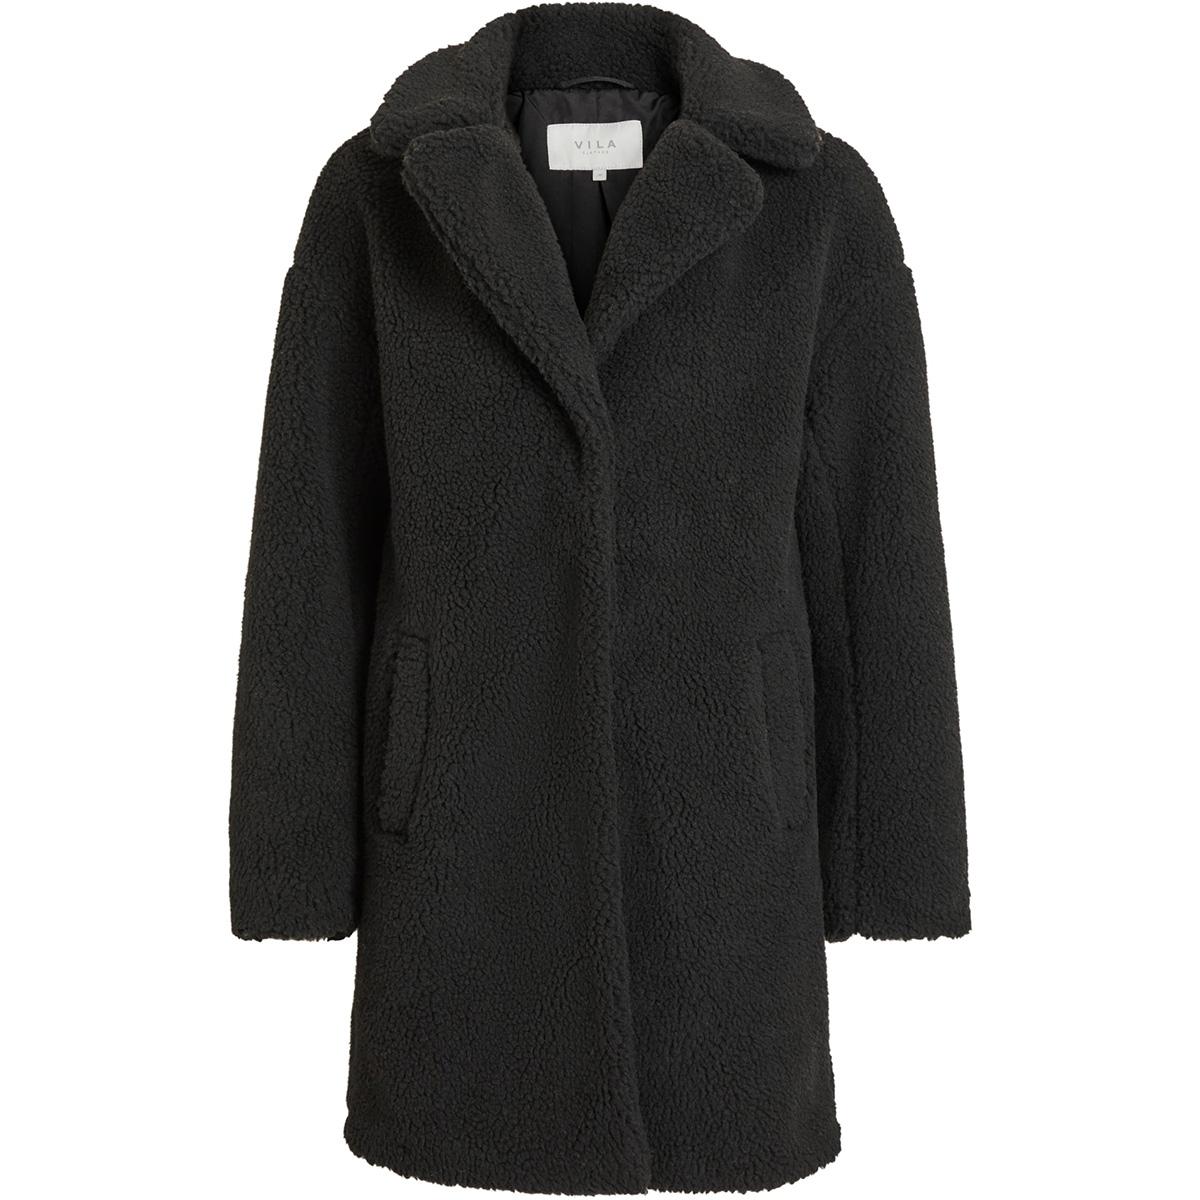 viplys teddy coat/as 14055384 vila jas black